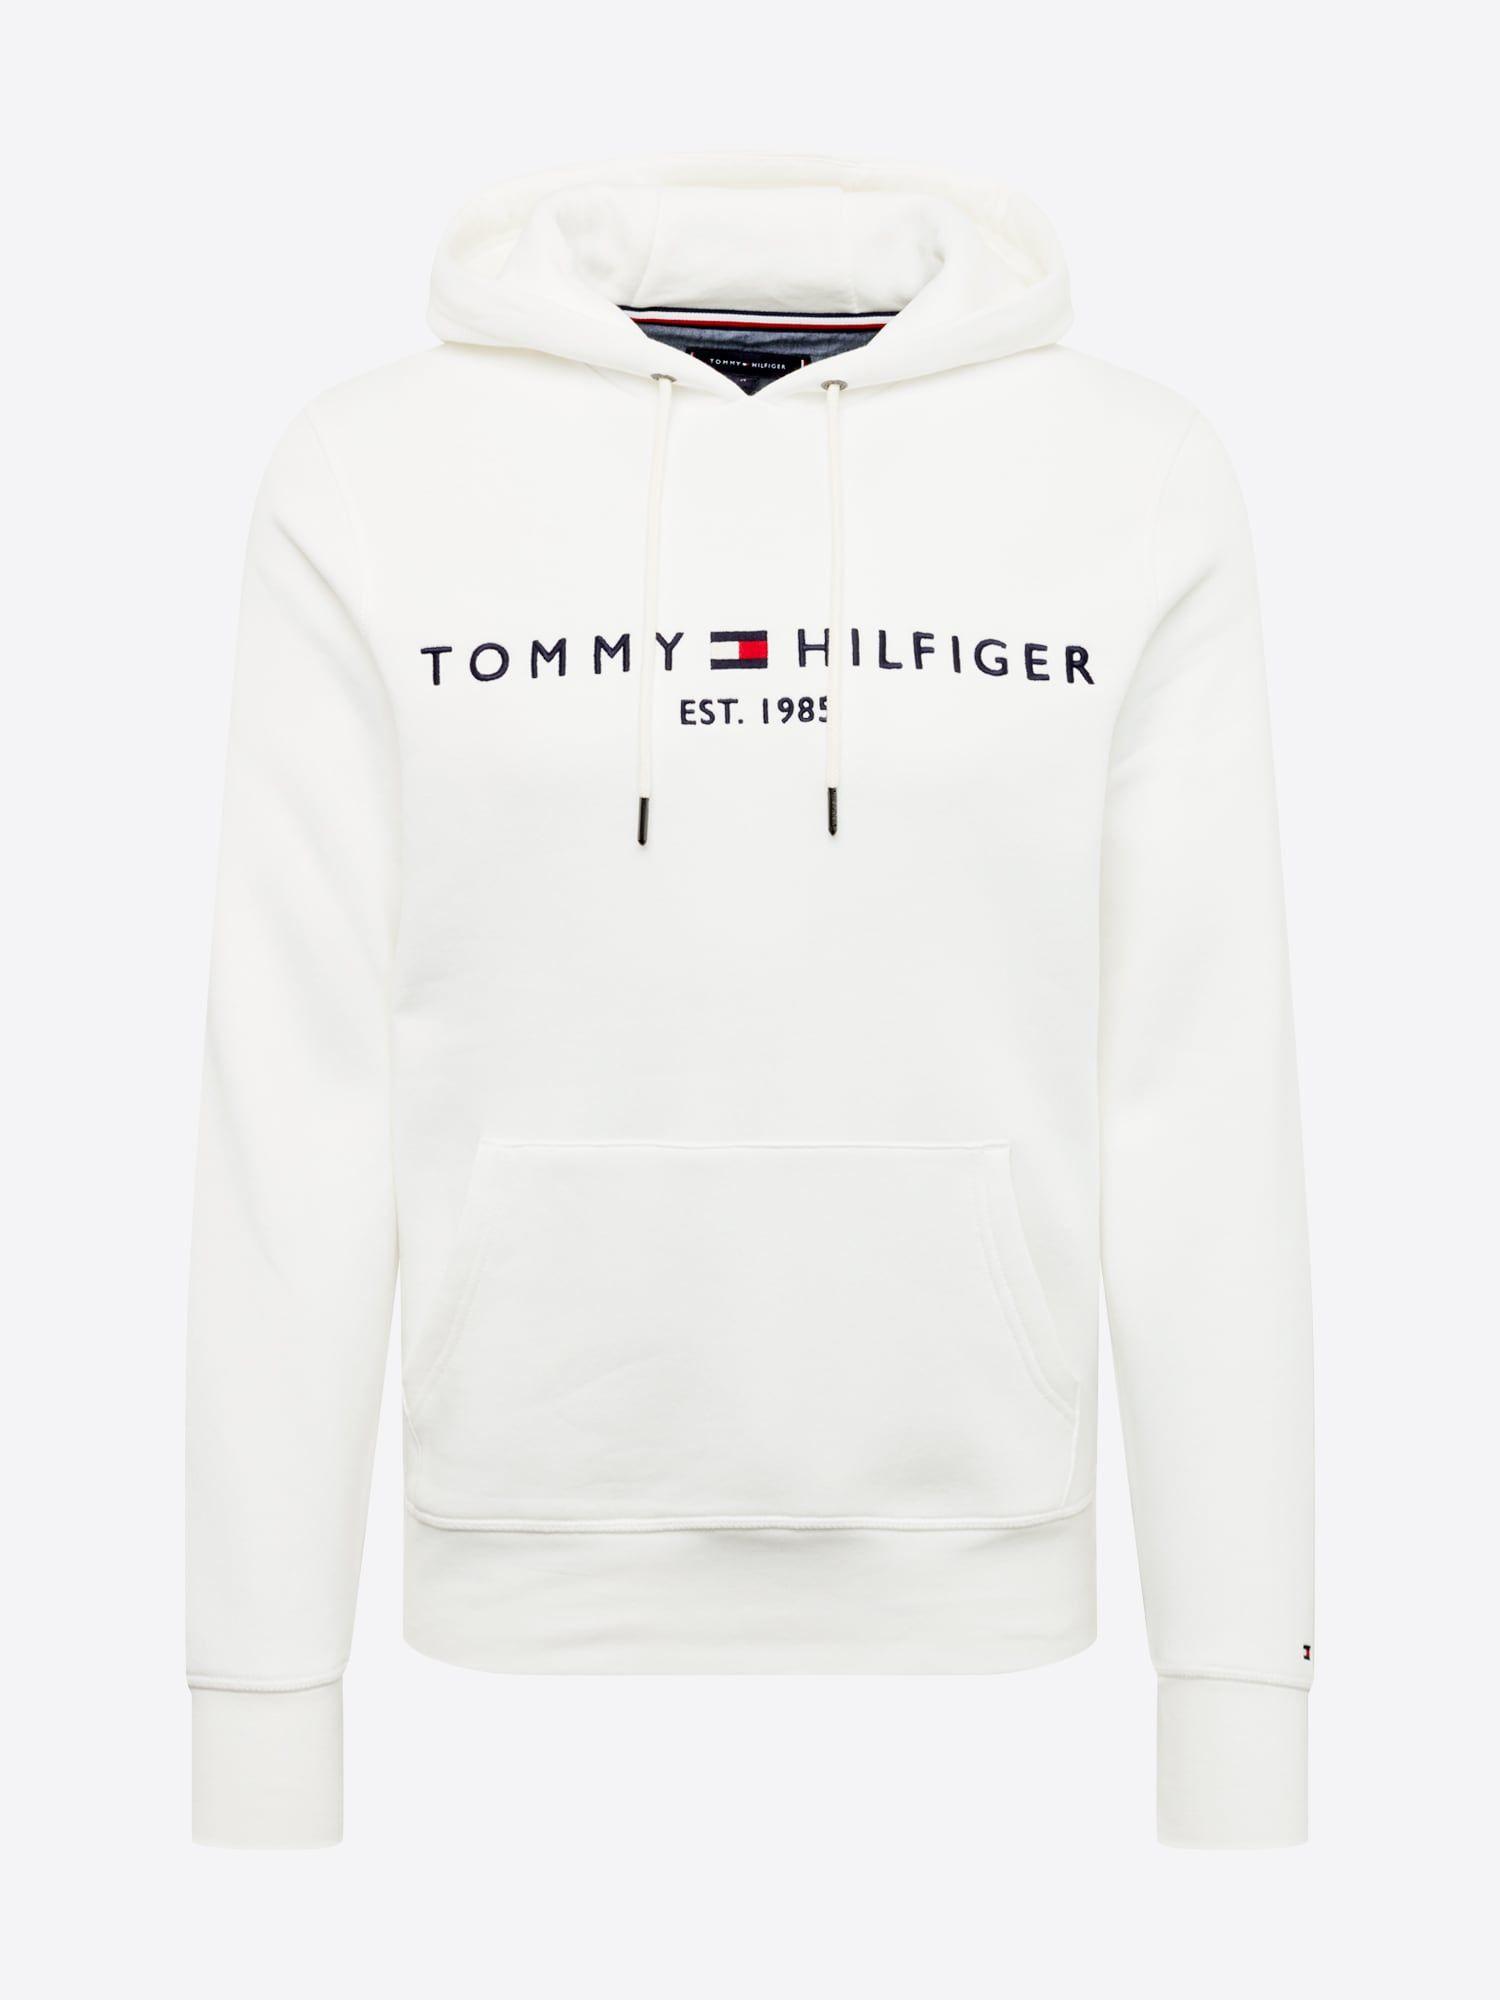 Tommy Hilfiger Sweatshirt Herren Dunkelblau Weiss Grosse Xxl Tommy Hilfiger Sweatshirt Tommy Hilfiger Und Dunkelblau